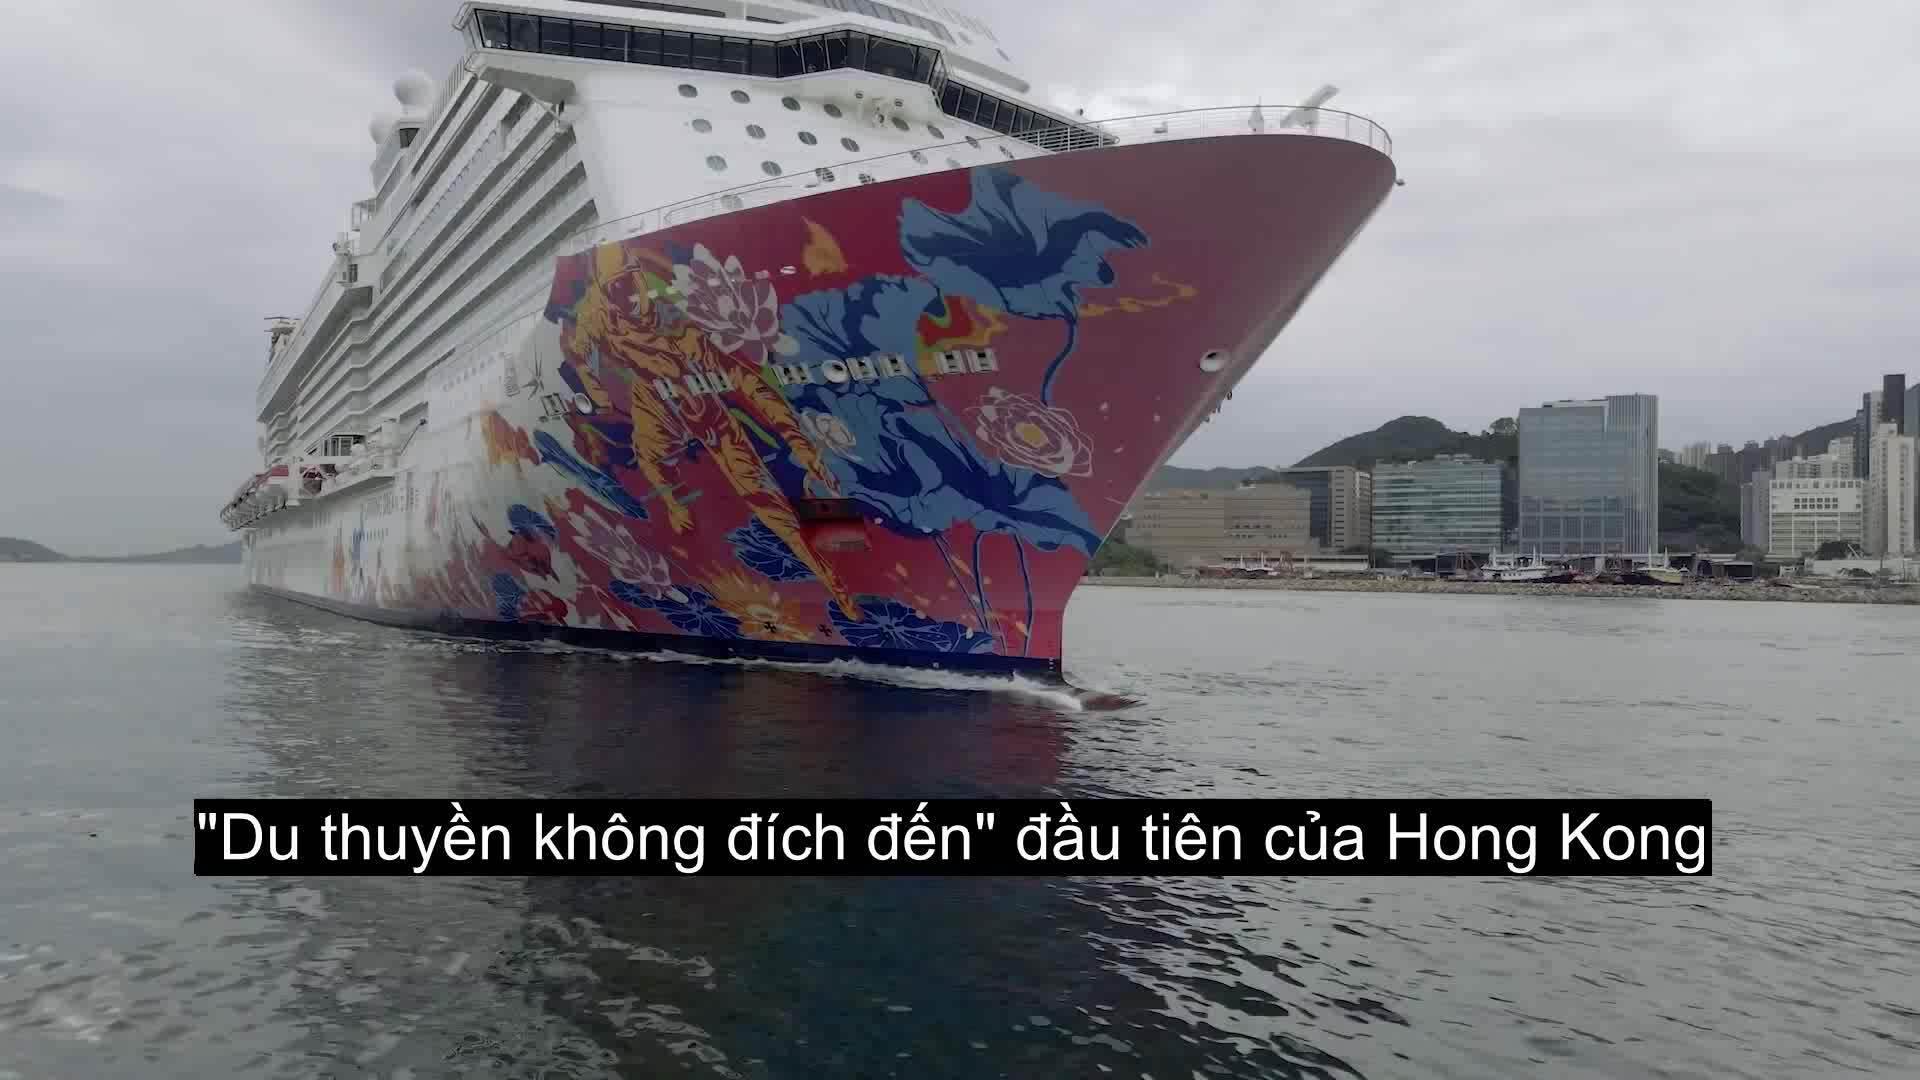 Chuyến du thuyền 'không đích đến' ở Hong Kong